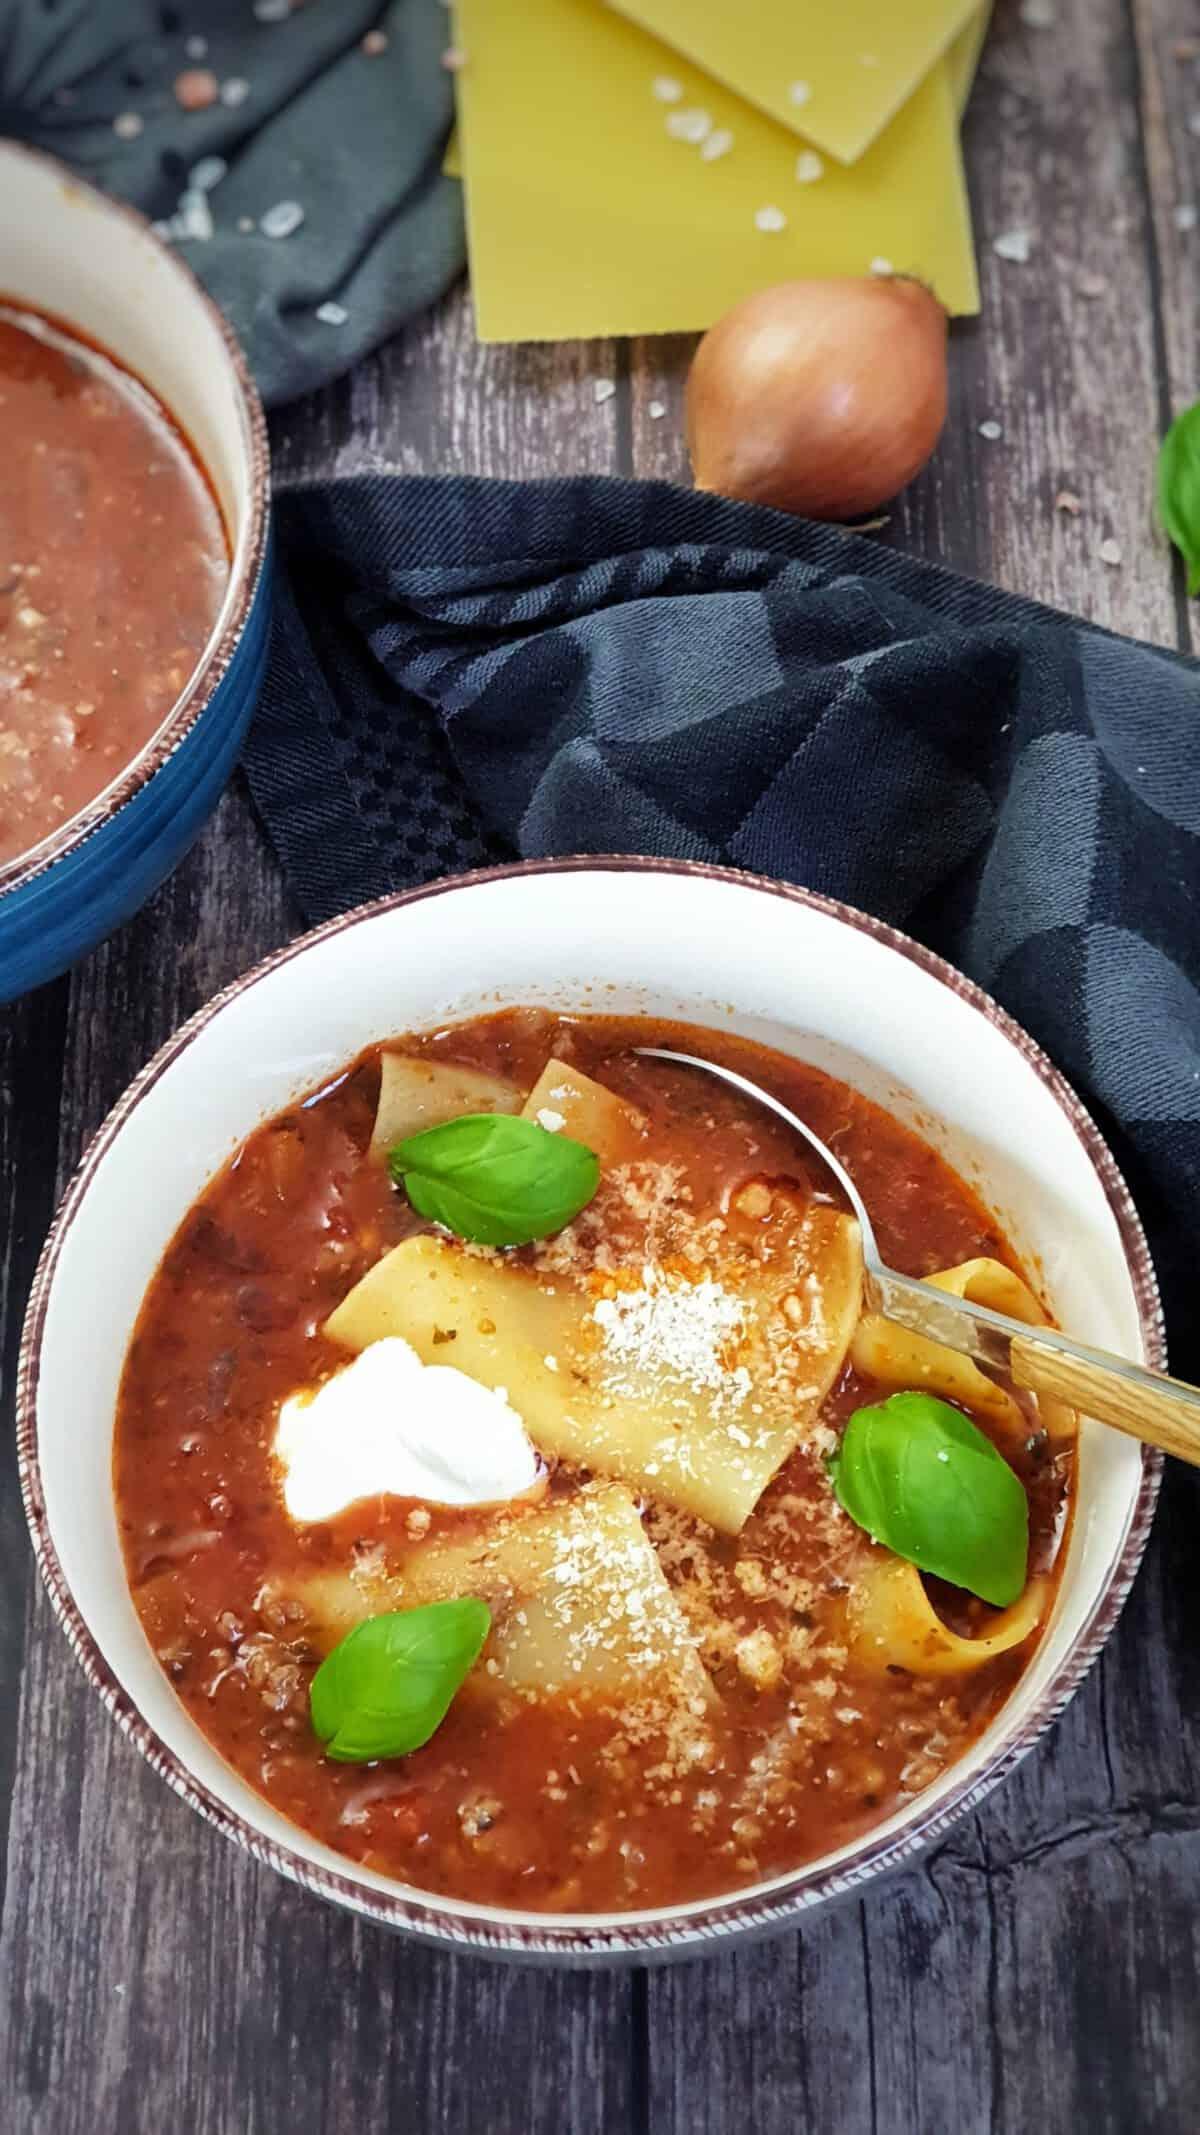 In einer weißen Schale angerichtet eine Lasagne Suppe mit Lasagne Platten, Creme Fraiche und Petersilie garniert.